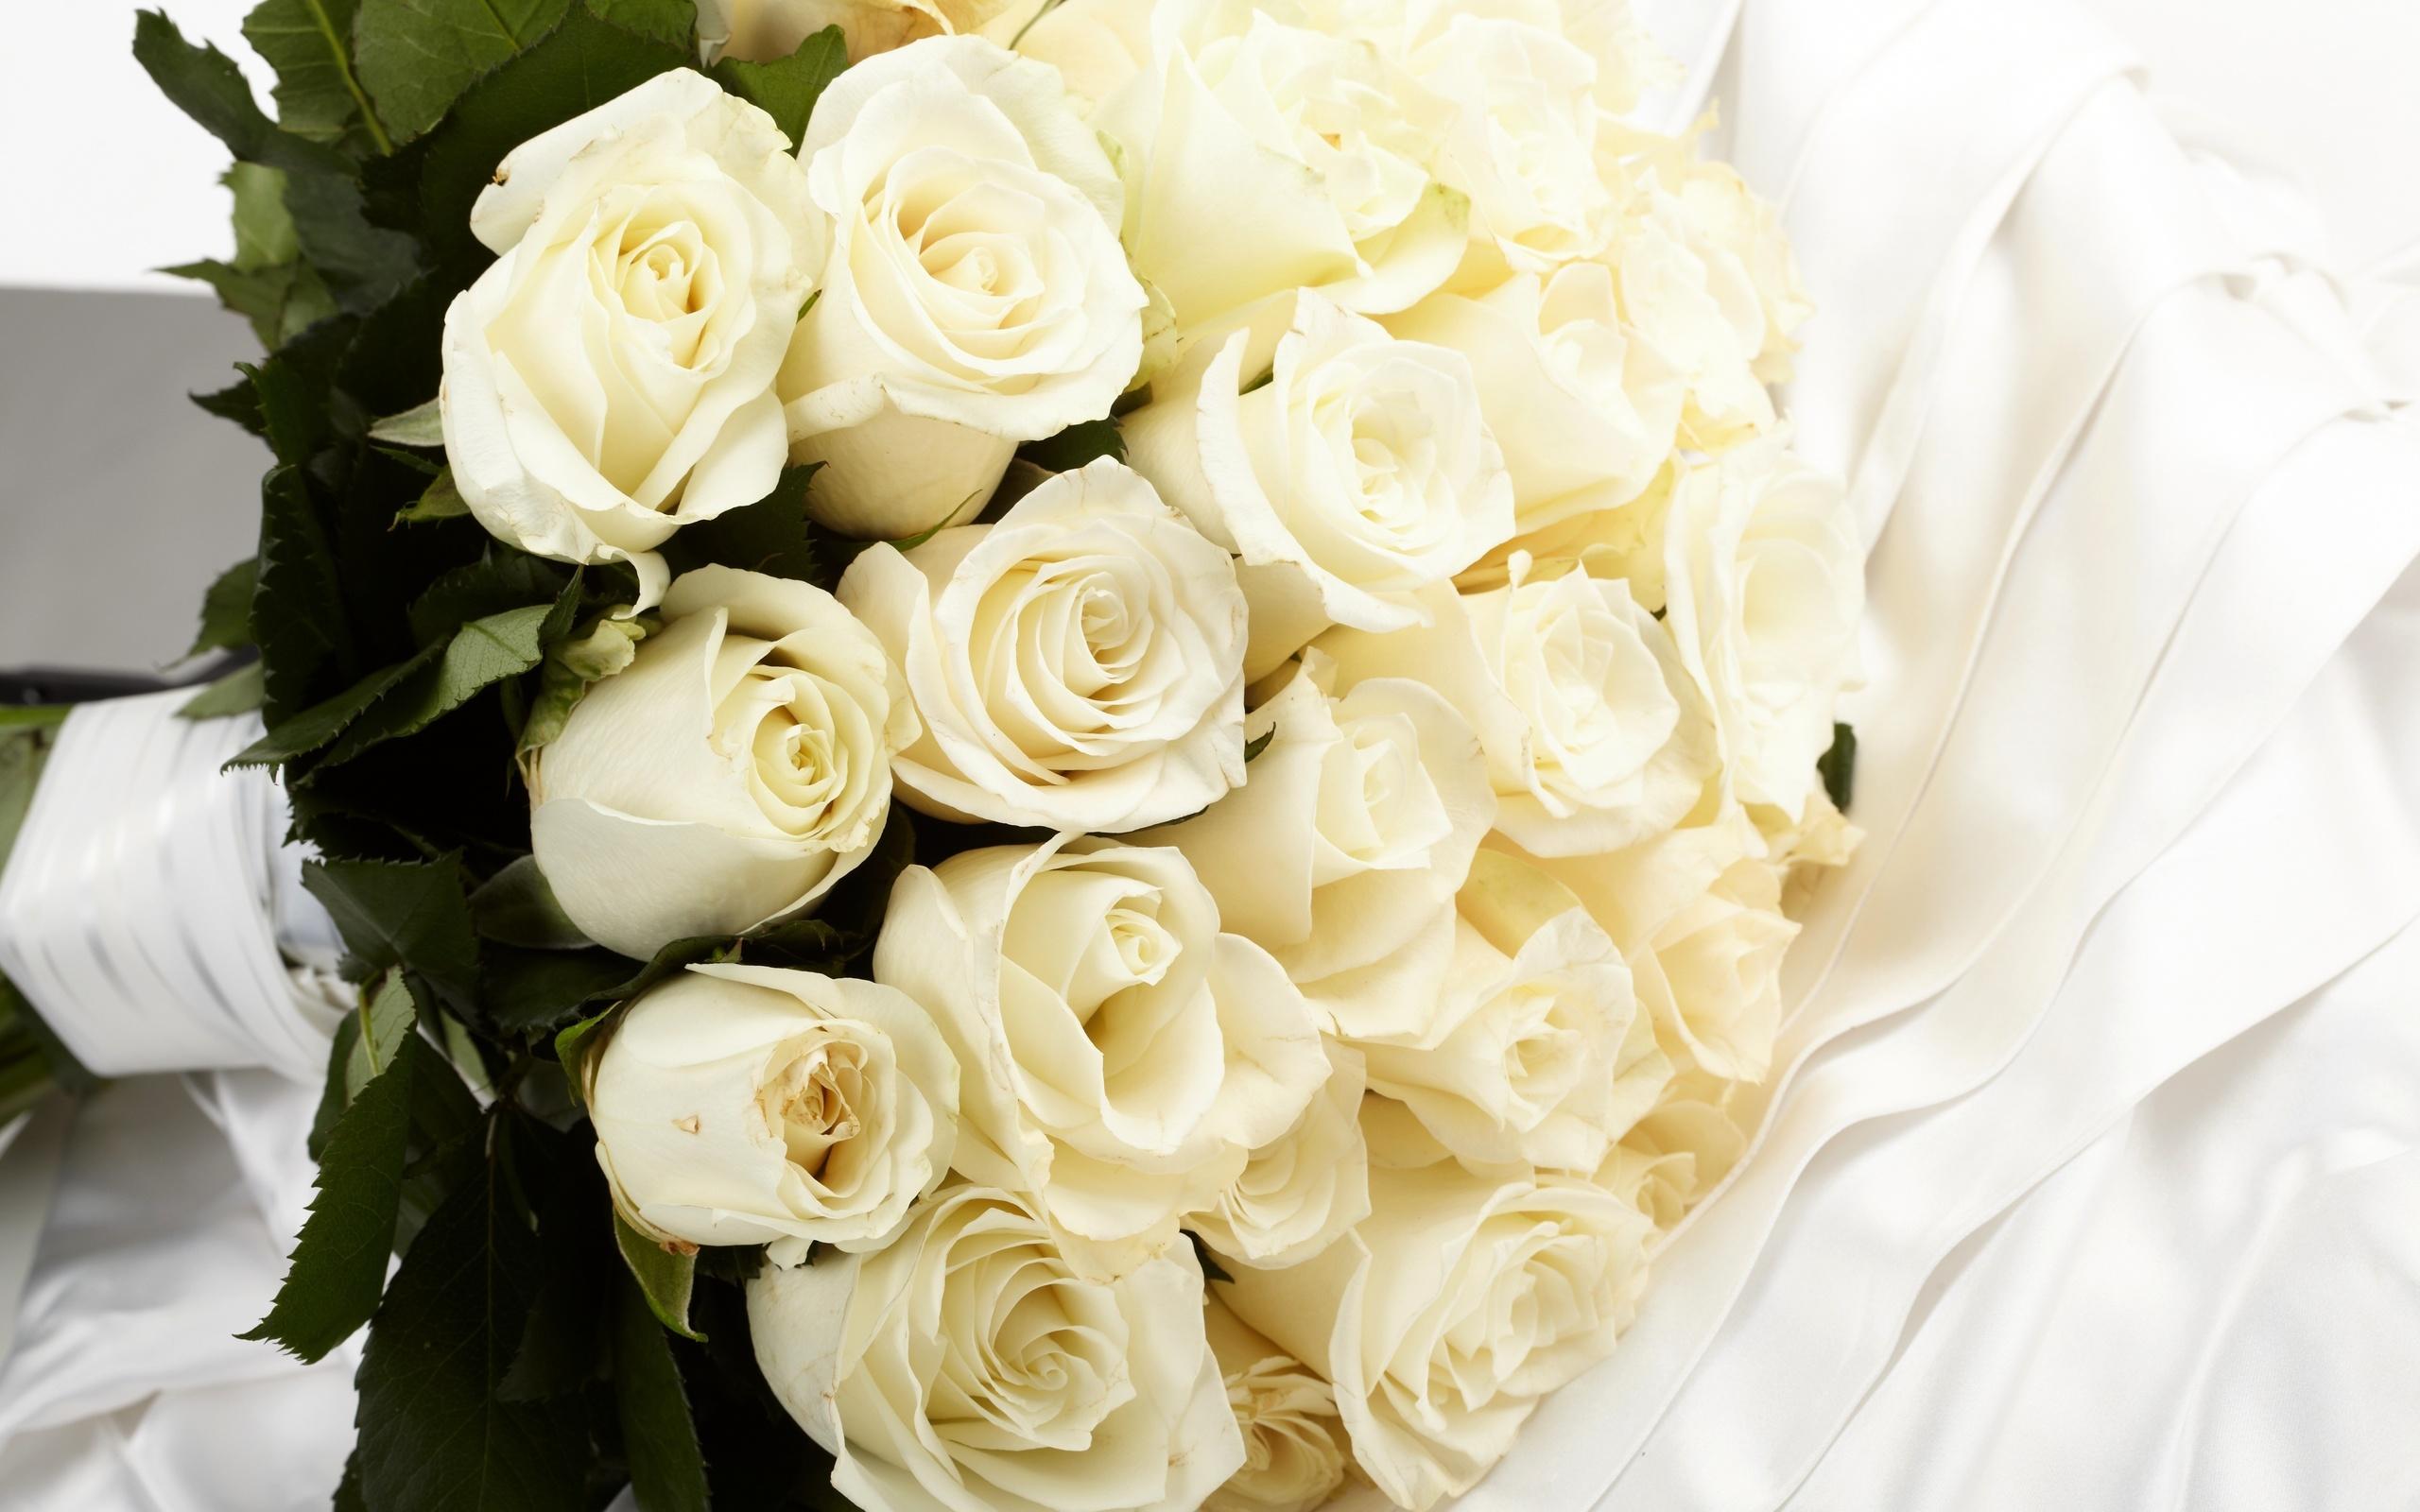 Открытка днем, открытки с днем рождения белые розы